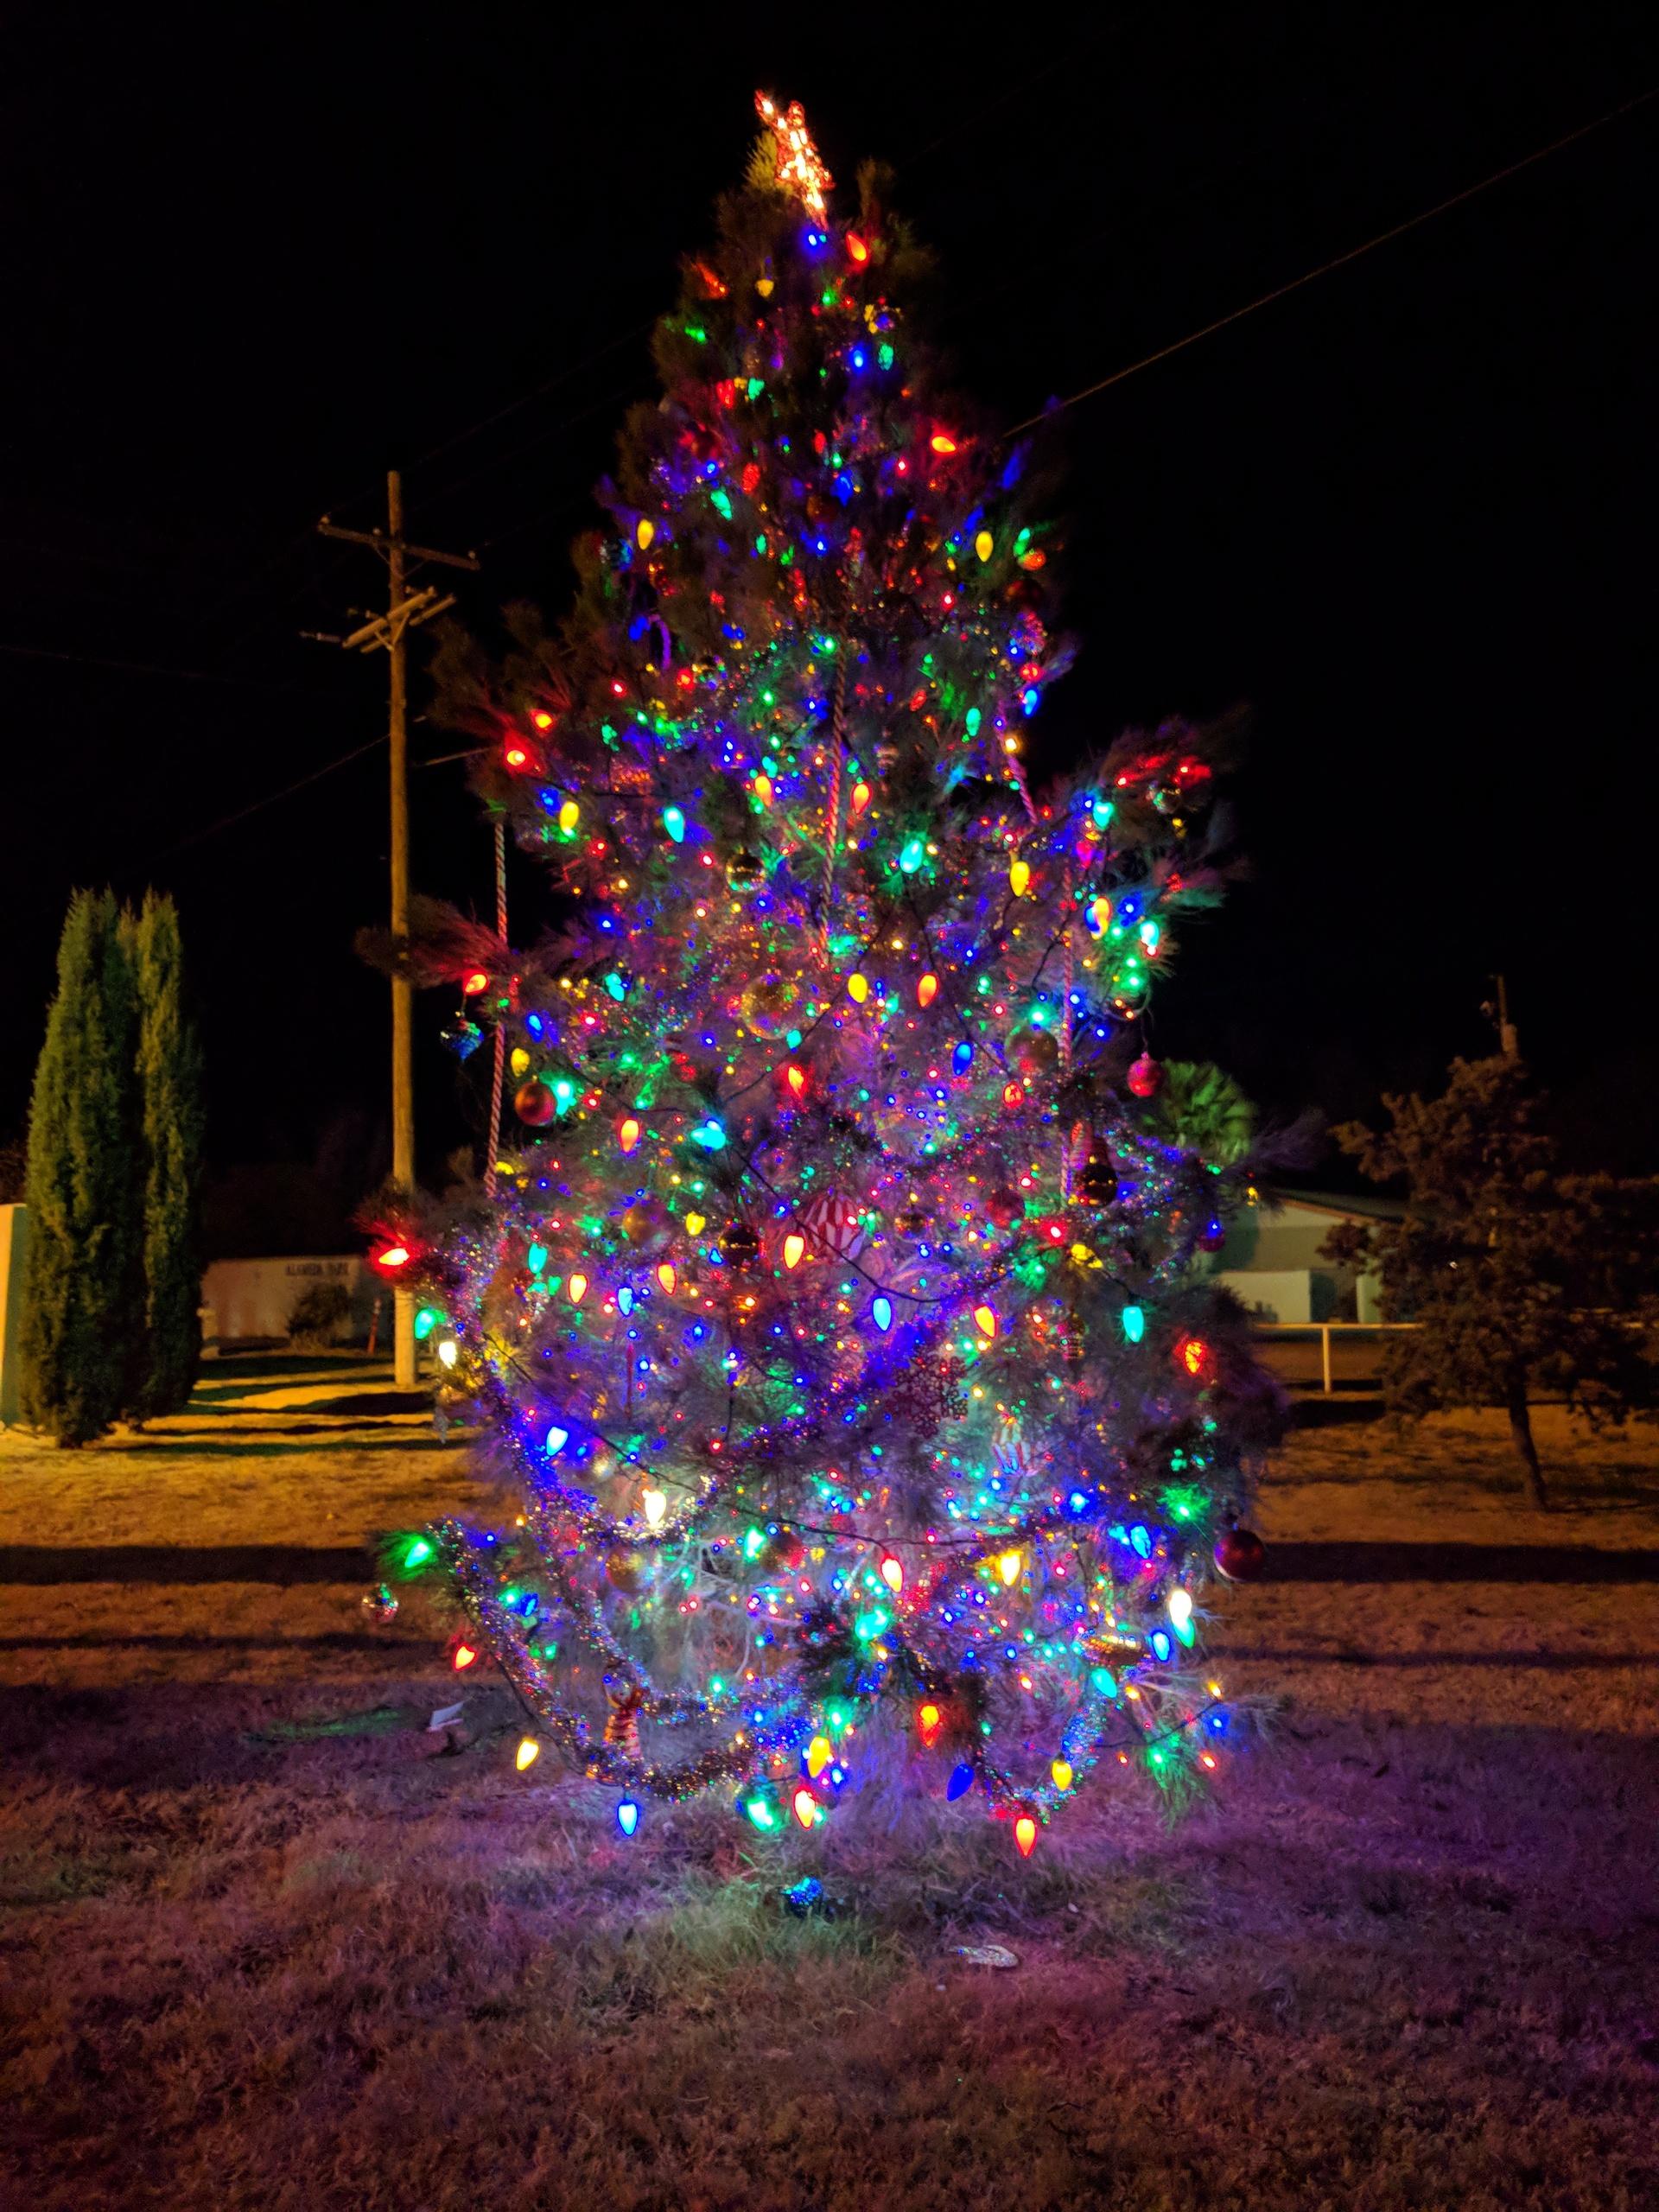 Xmas time | marichan66, Christmas, tree, lights